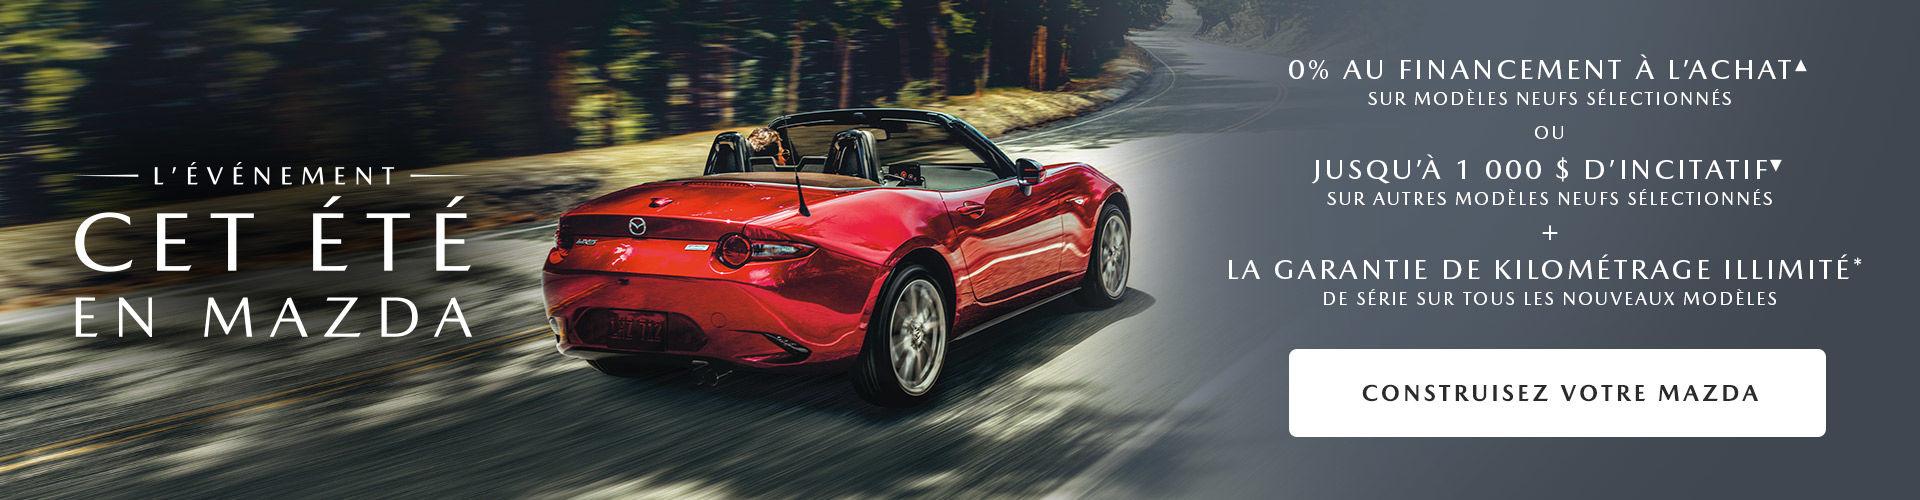 C'est l'événement cet été en Mazda